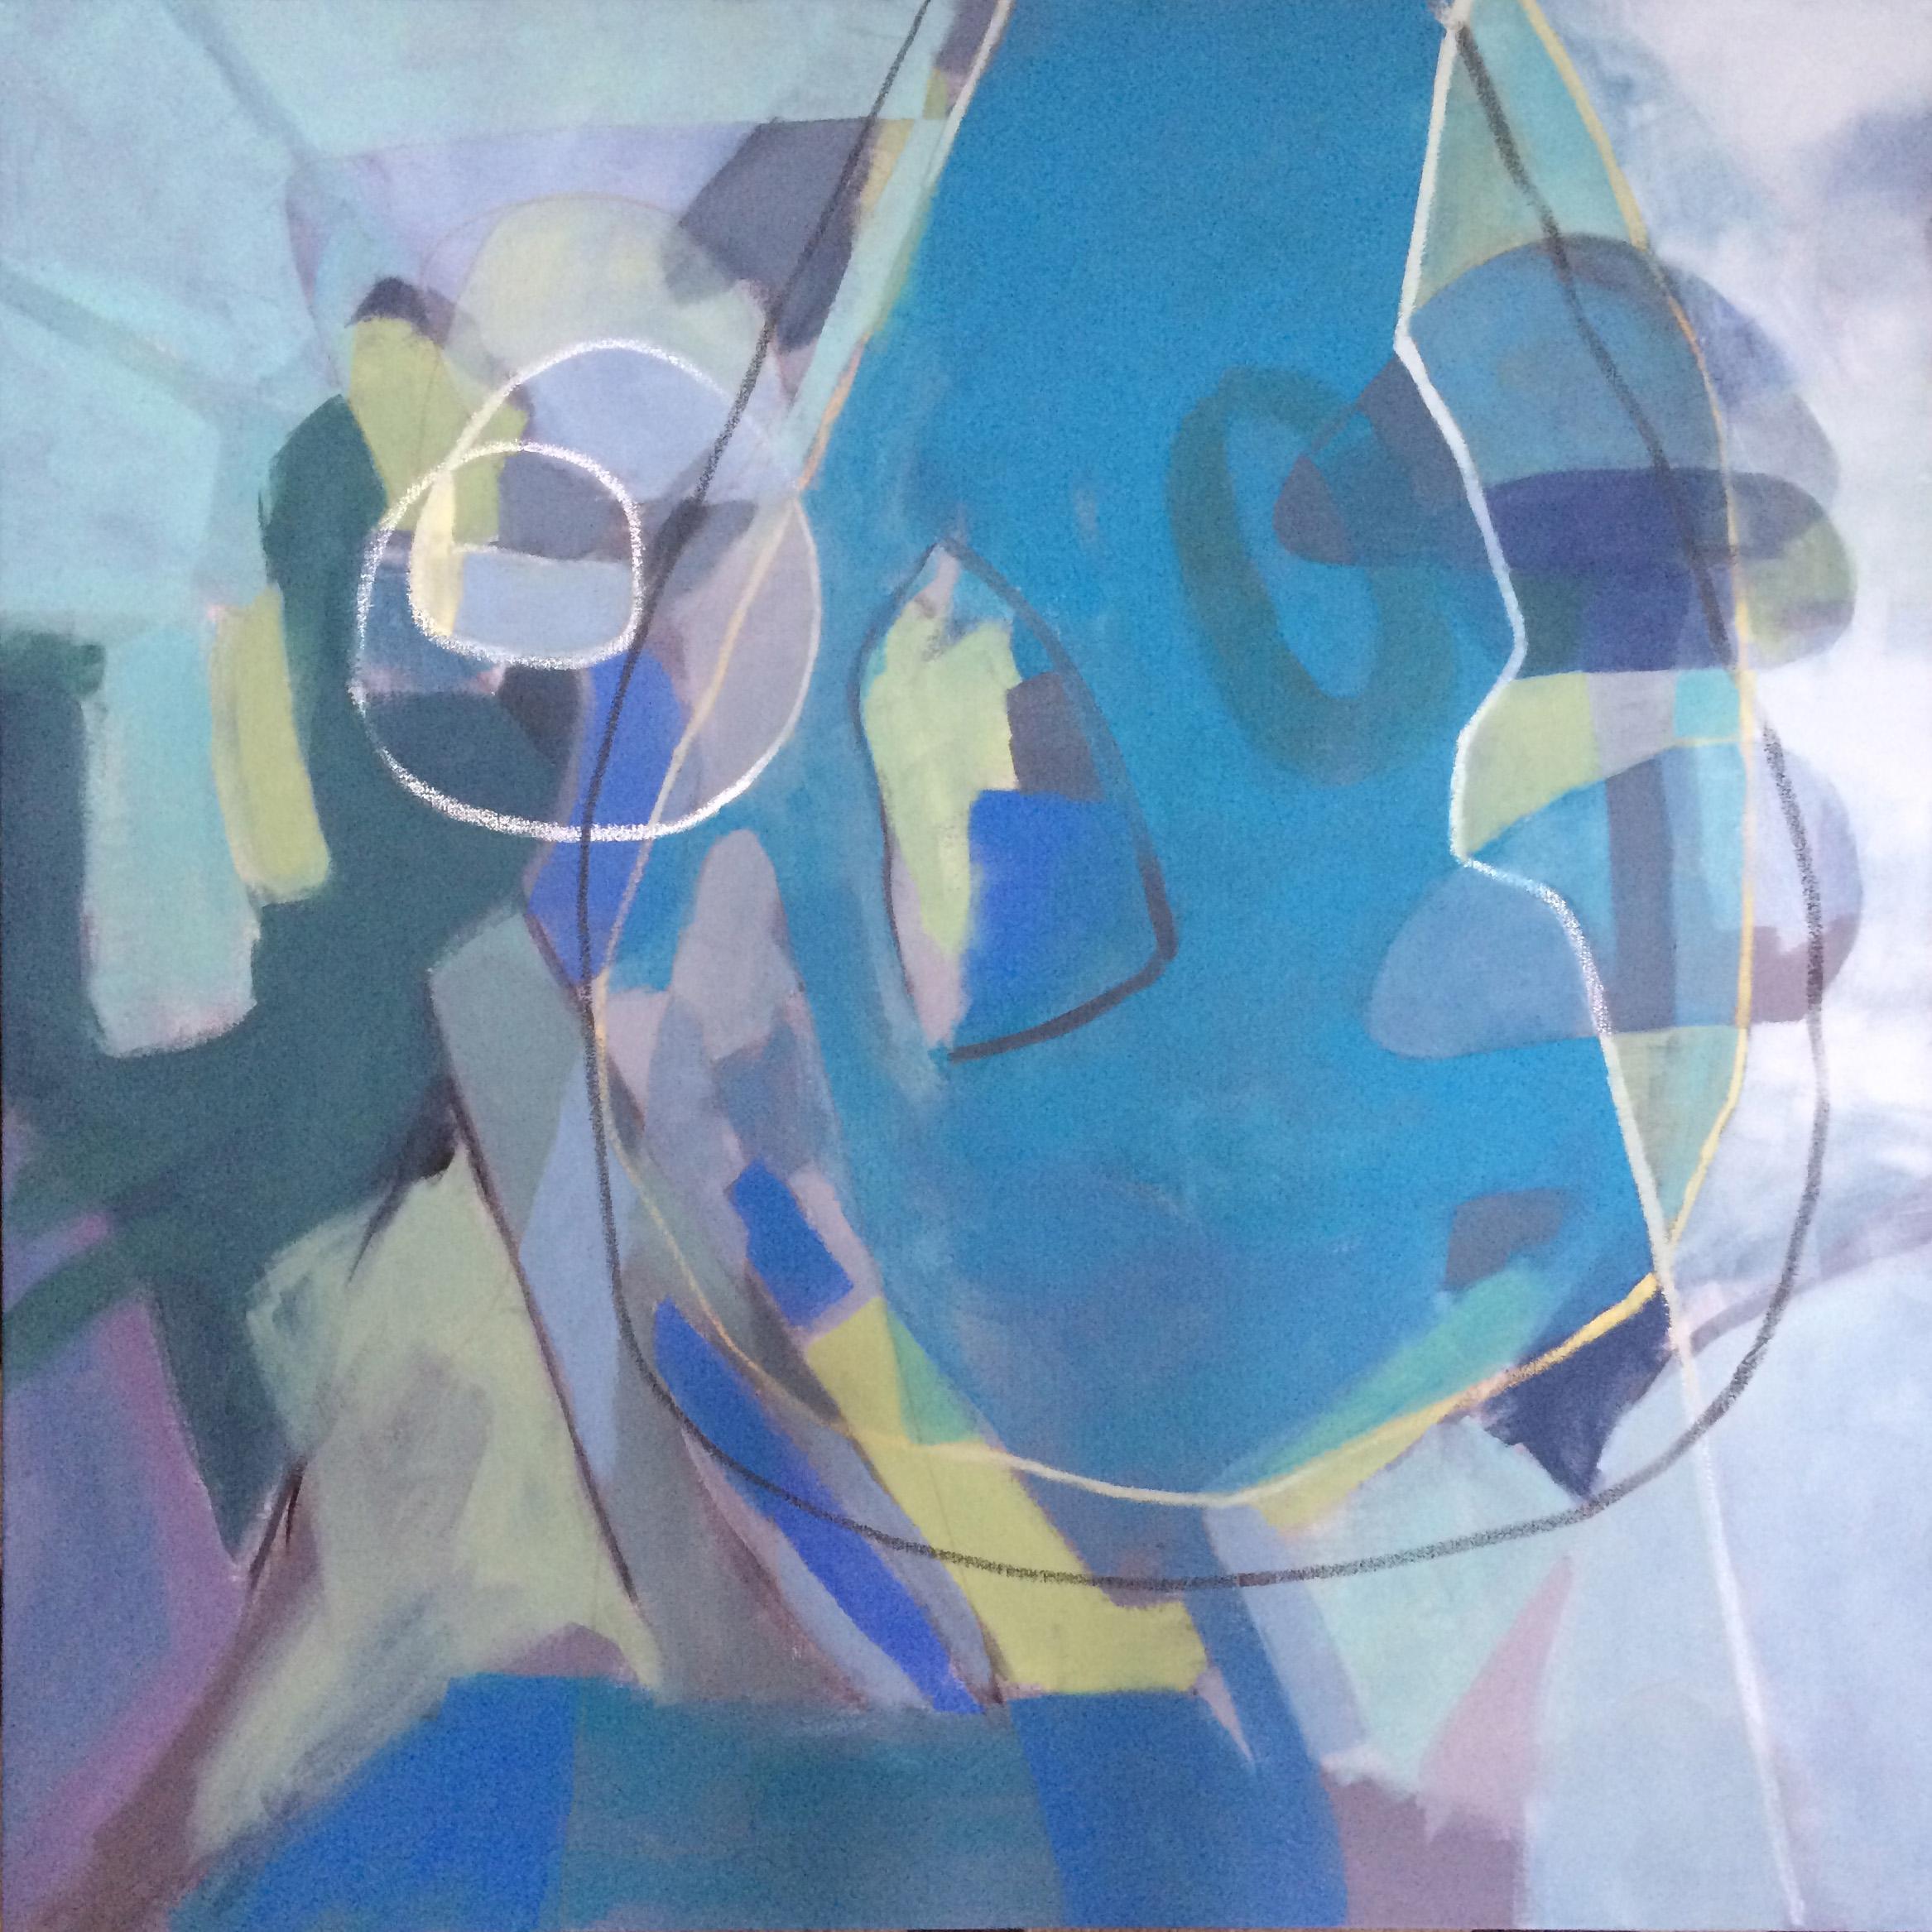 cbrufo-focusedcalm-36x36.jpg